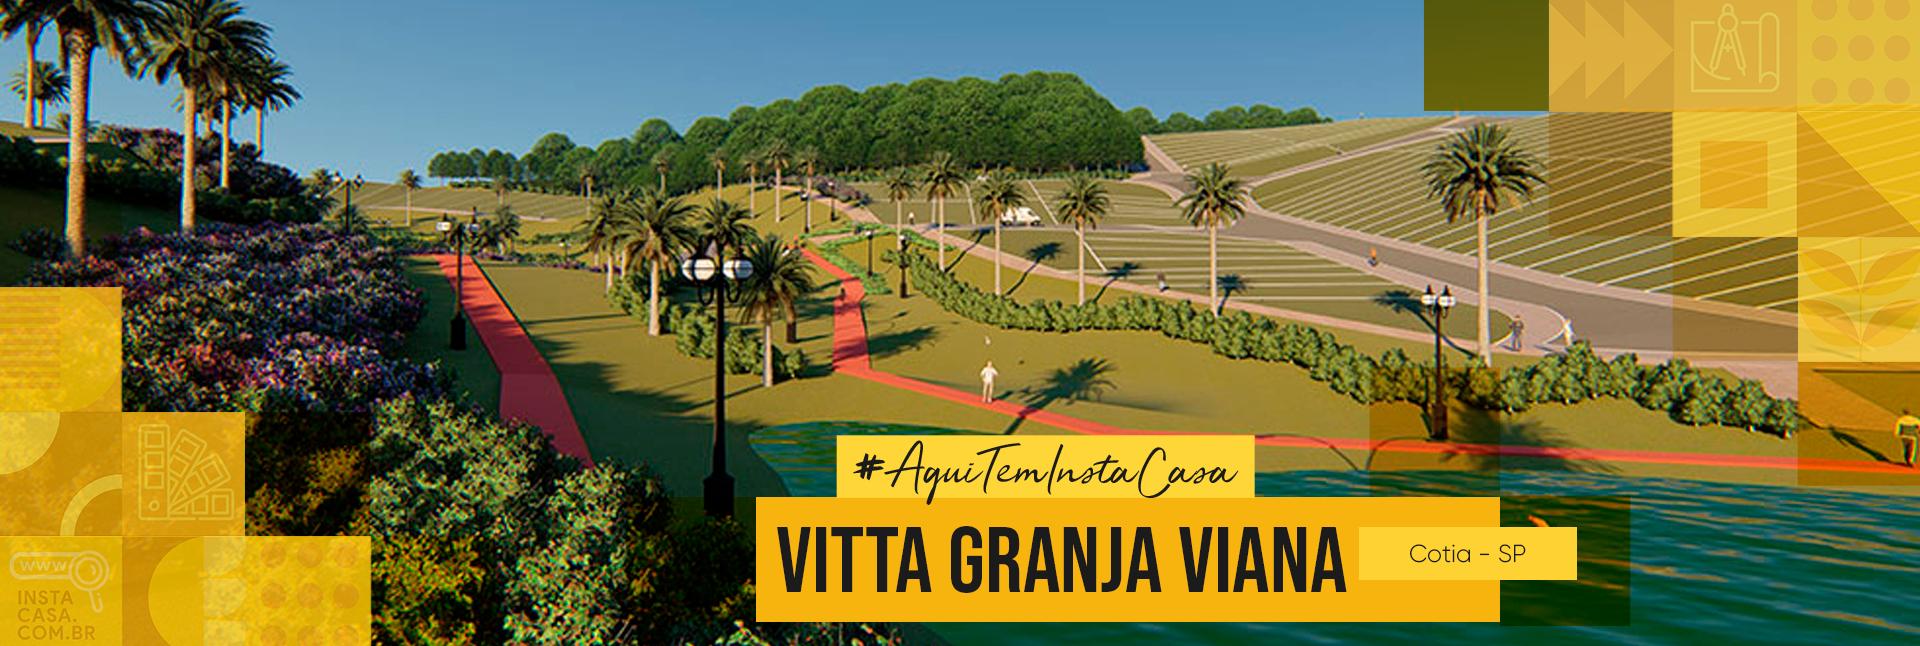 Vitta Granja Viana